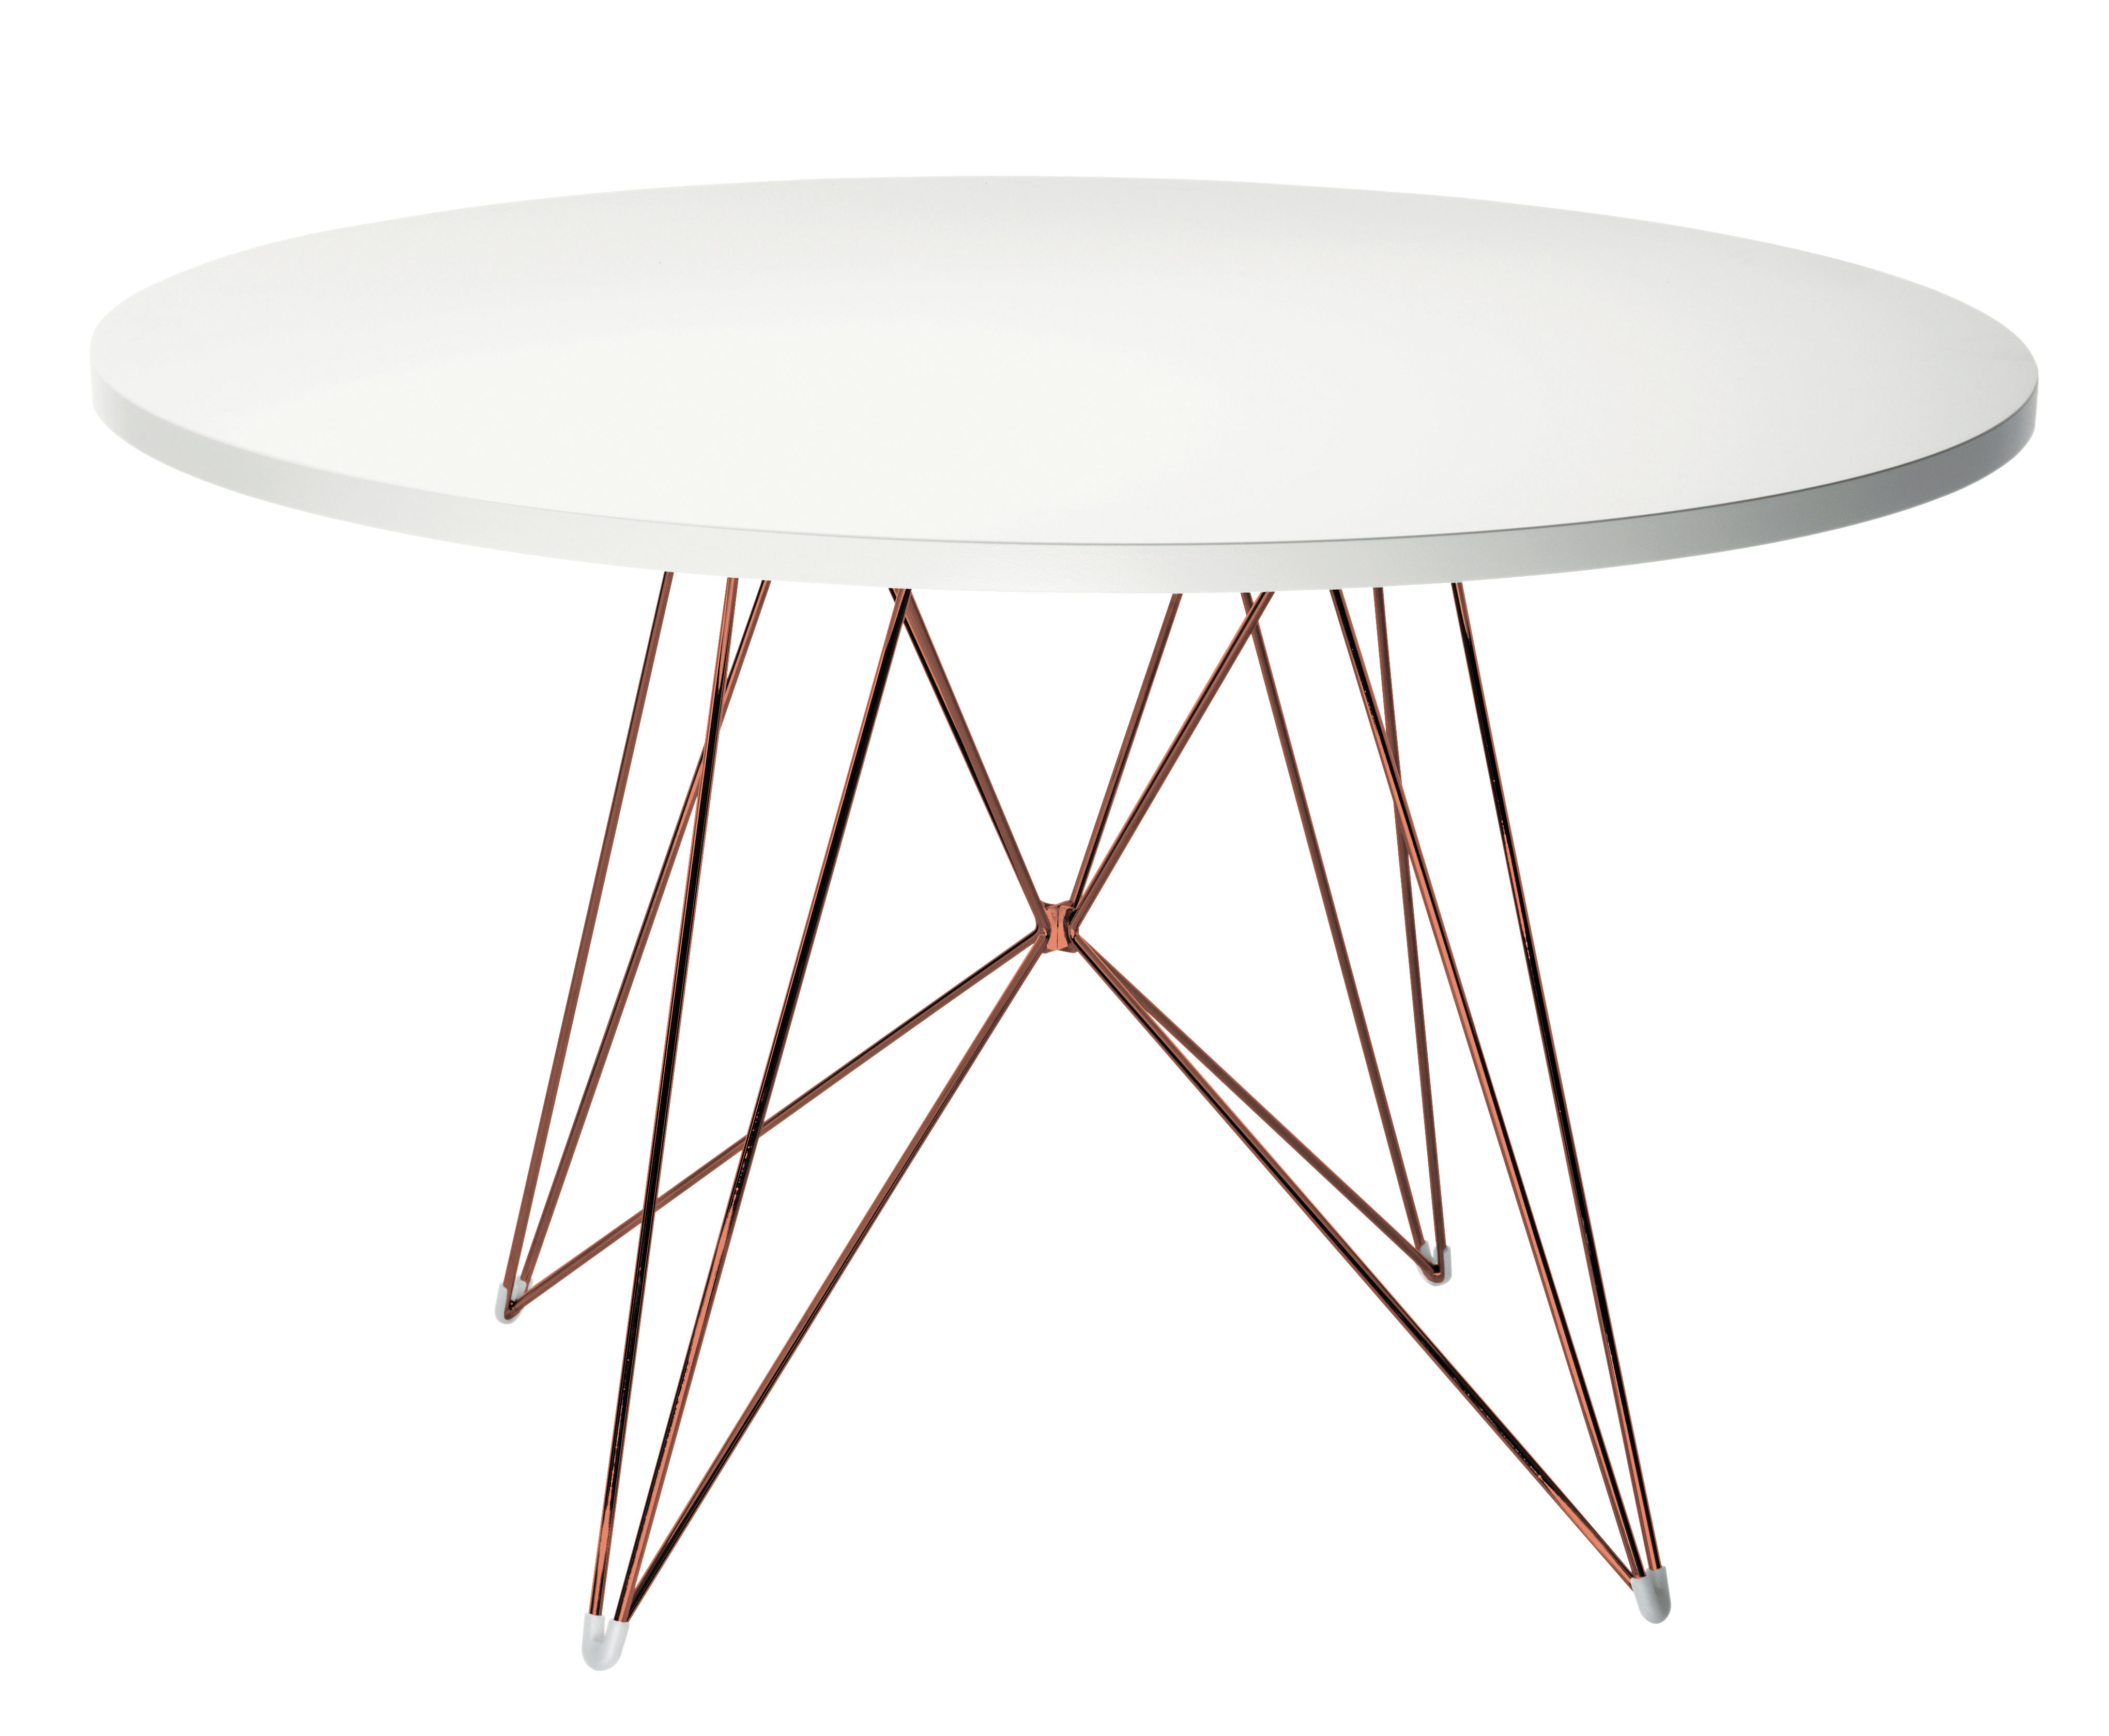 Möbel - Tische - XZ3 Runder Tisch / rund - Ø 120 cm - Magis - Weiß / Tischgestell kupferfarben - Holzfaserplatte im Polymer-Finish, Stahl